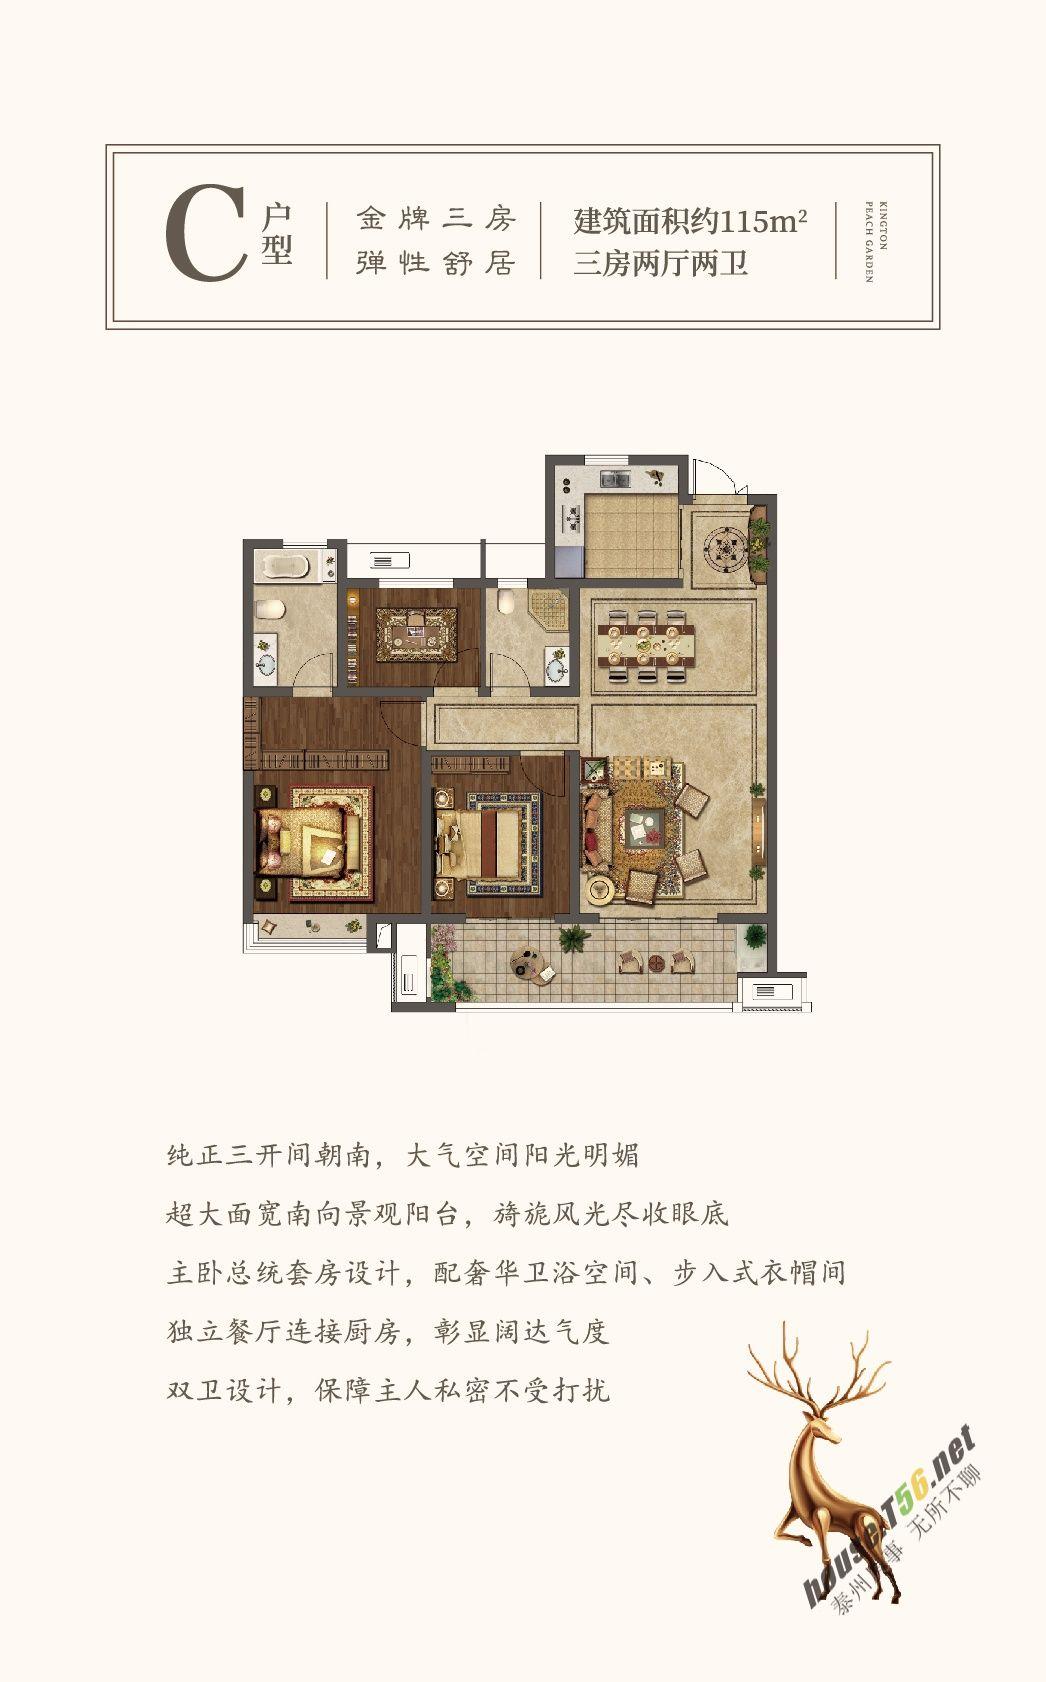 鍥剧墖9.jpg